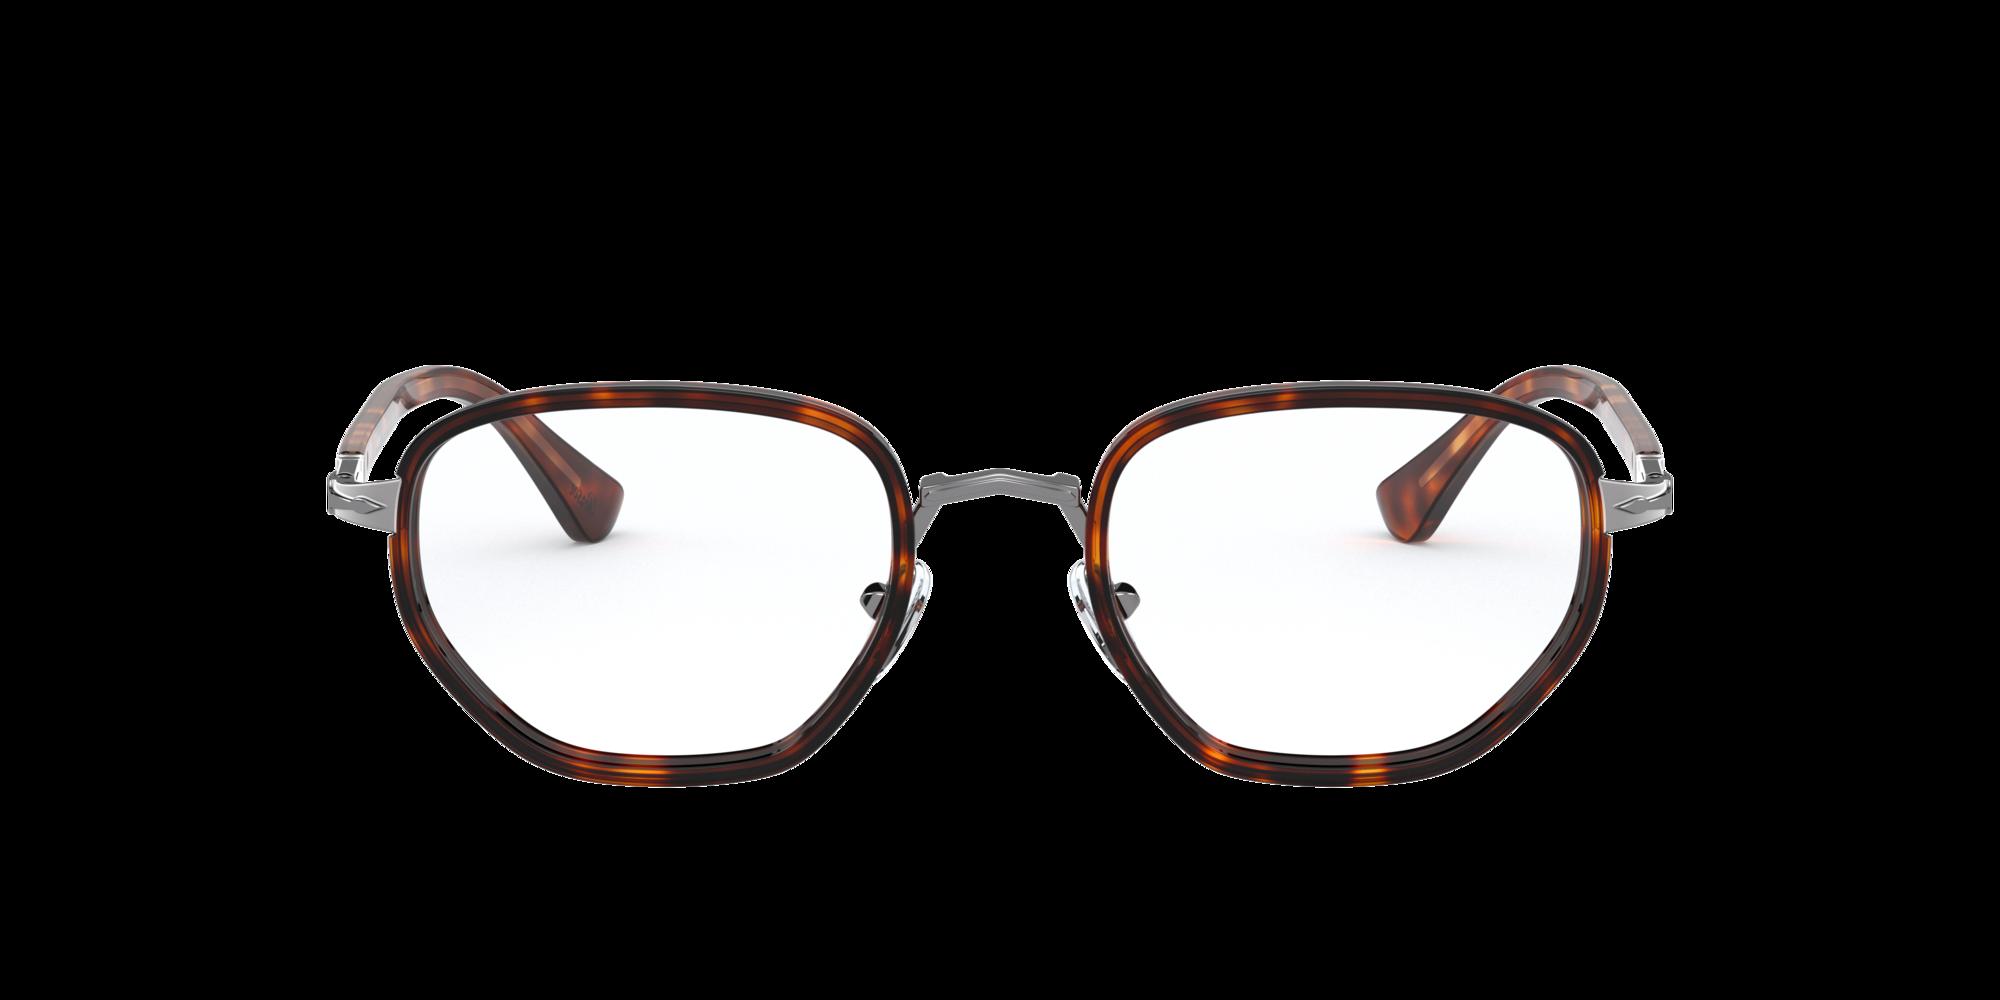 Imagen para PO2471V de LensCrafters |  Espejuelos, espejuelos graduados en línea, gafas